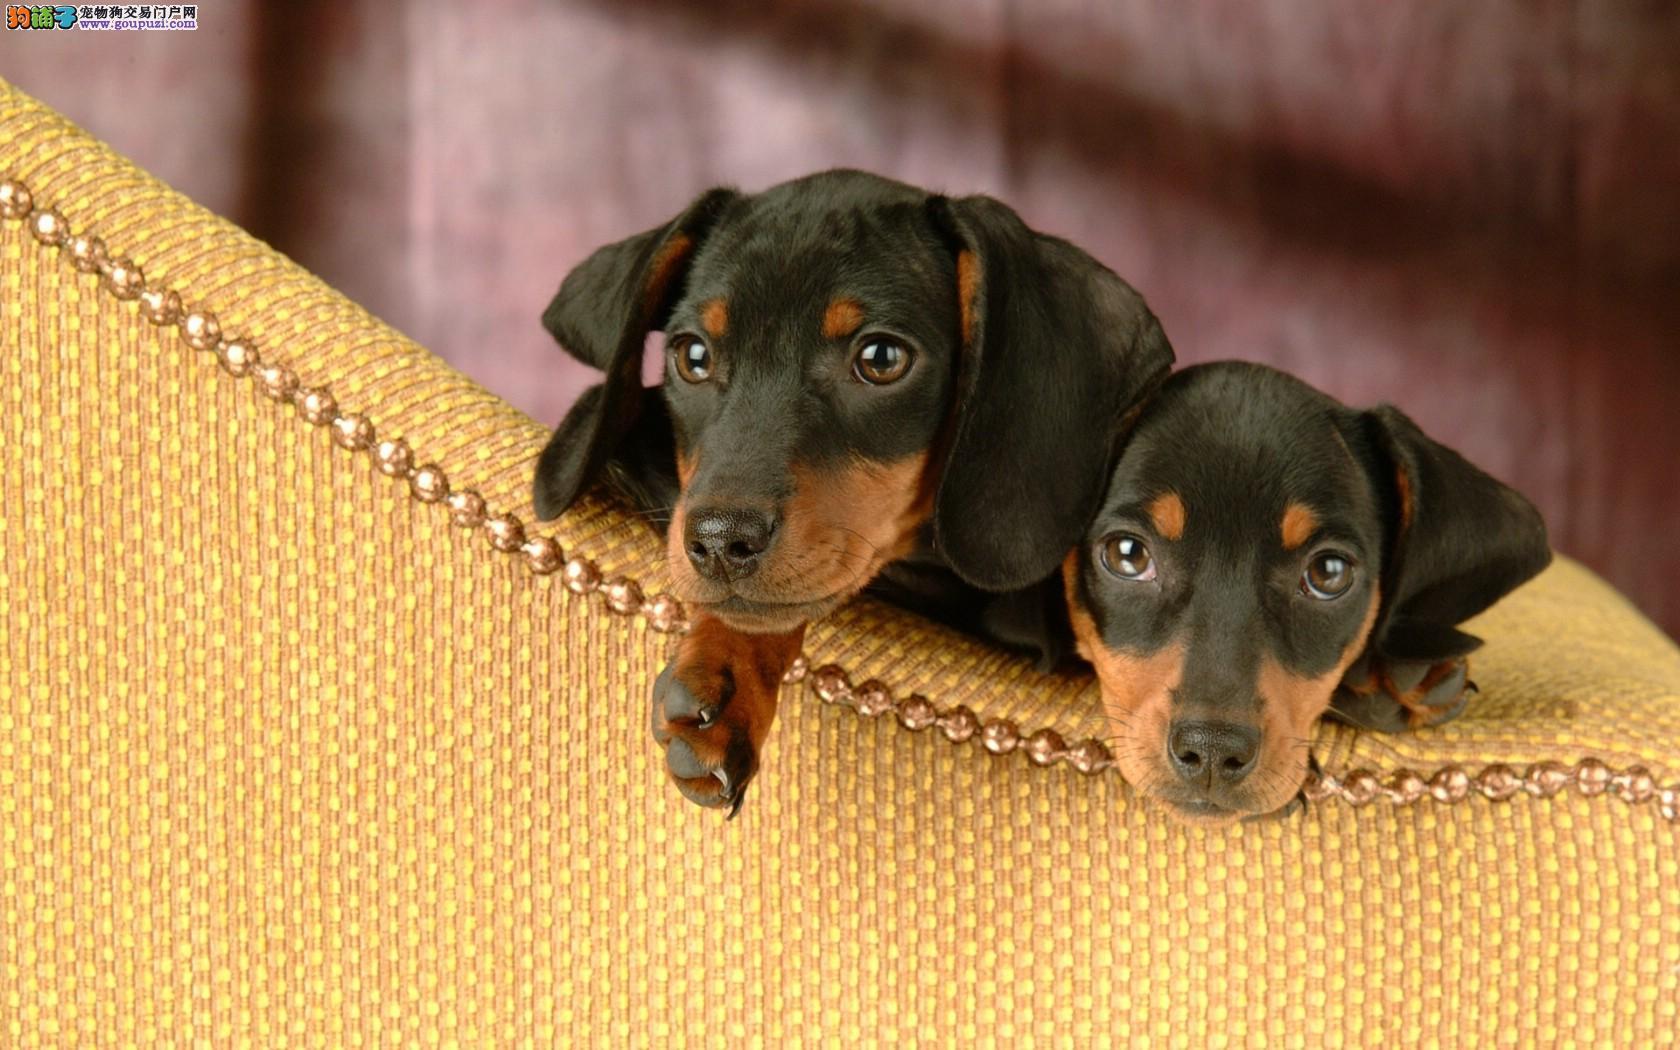 权威机构认证犬舍 专业培育腊肠犬幼犬狗贩子请绕行